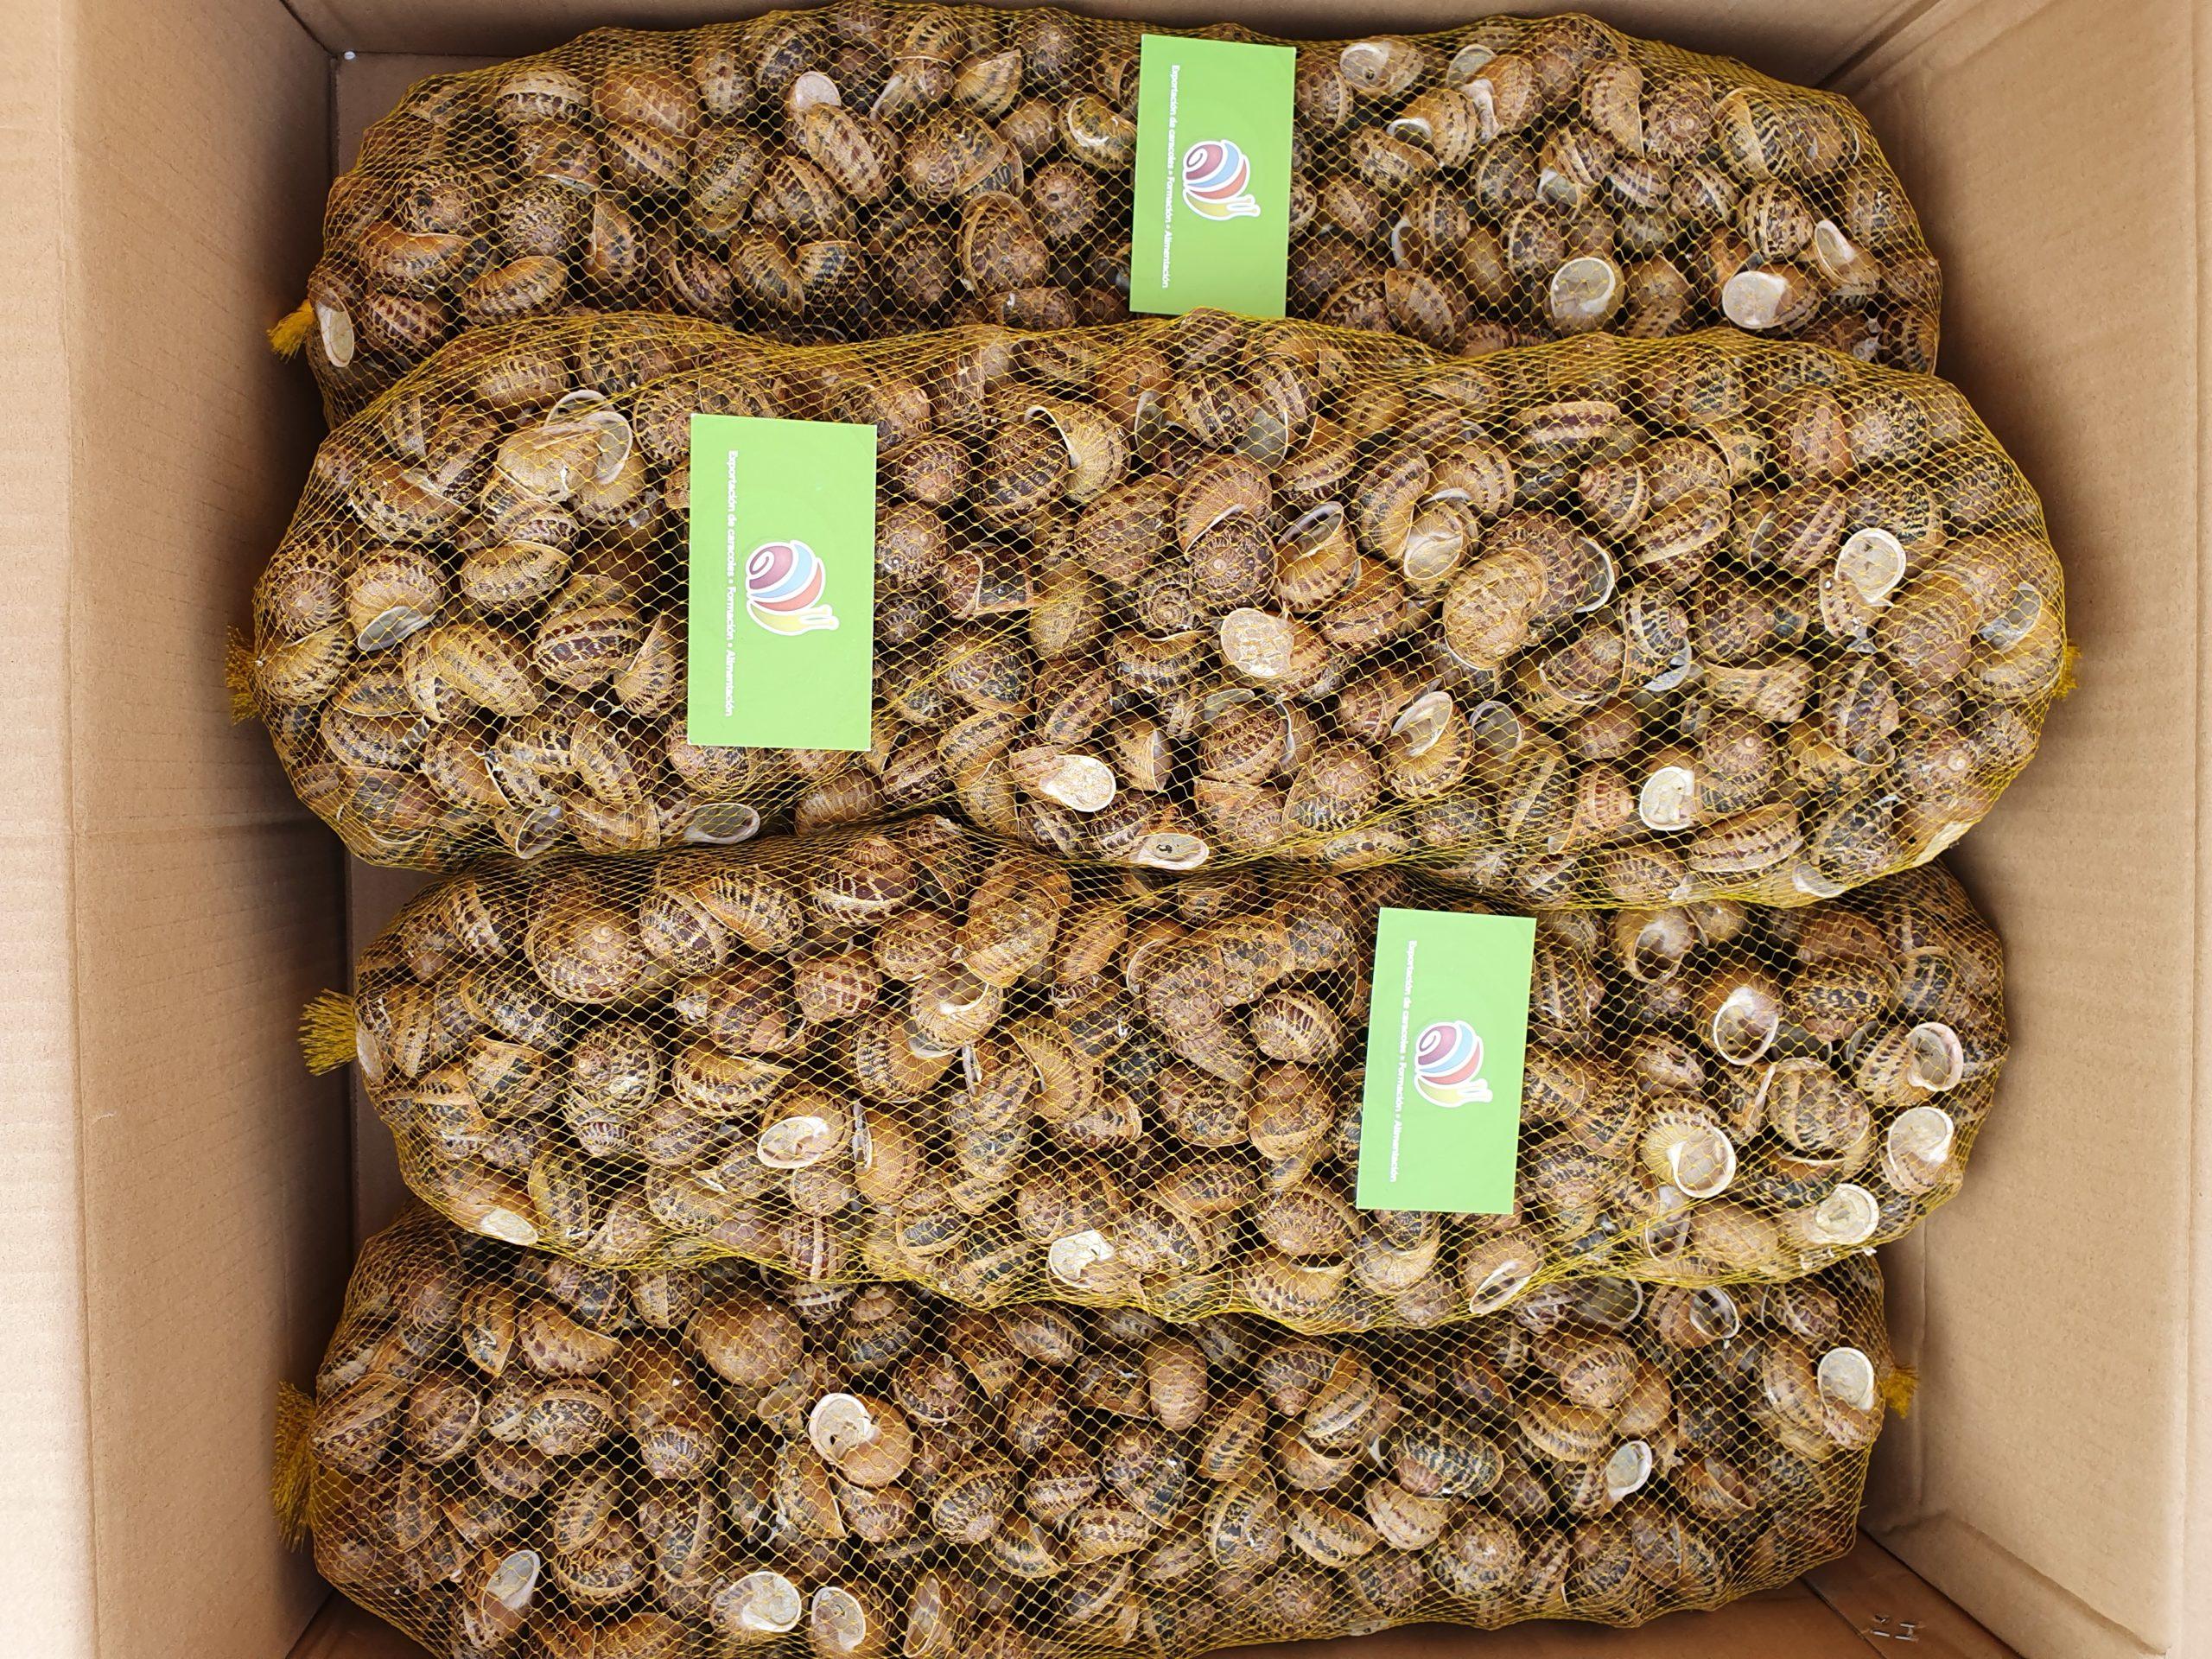 ślimaki w workach po 5,1 kg